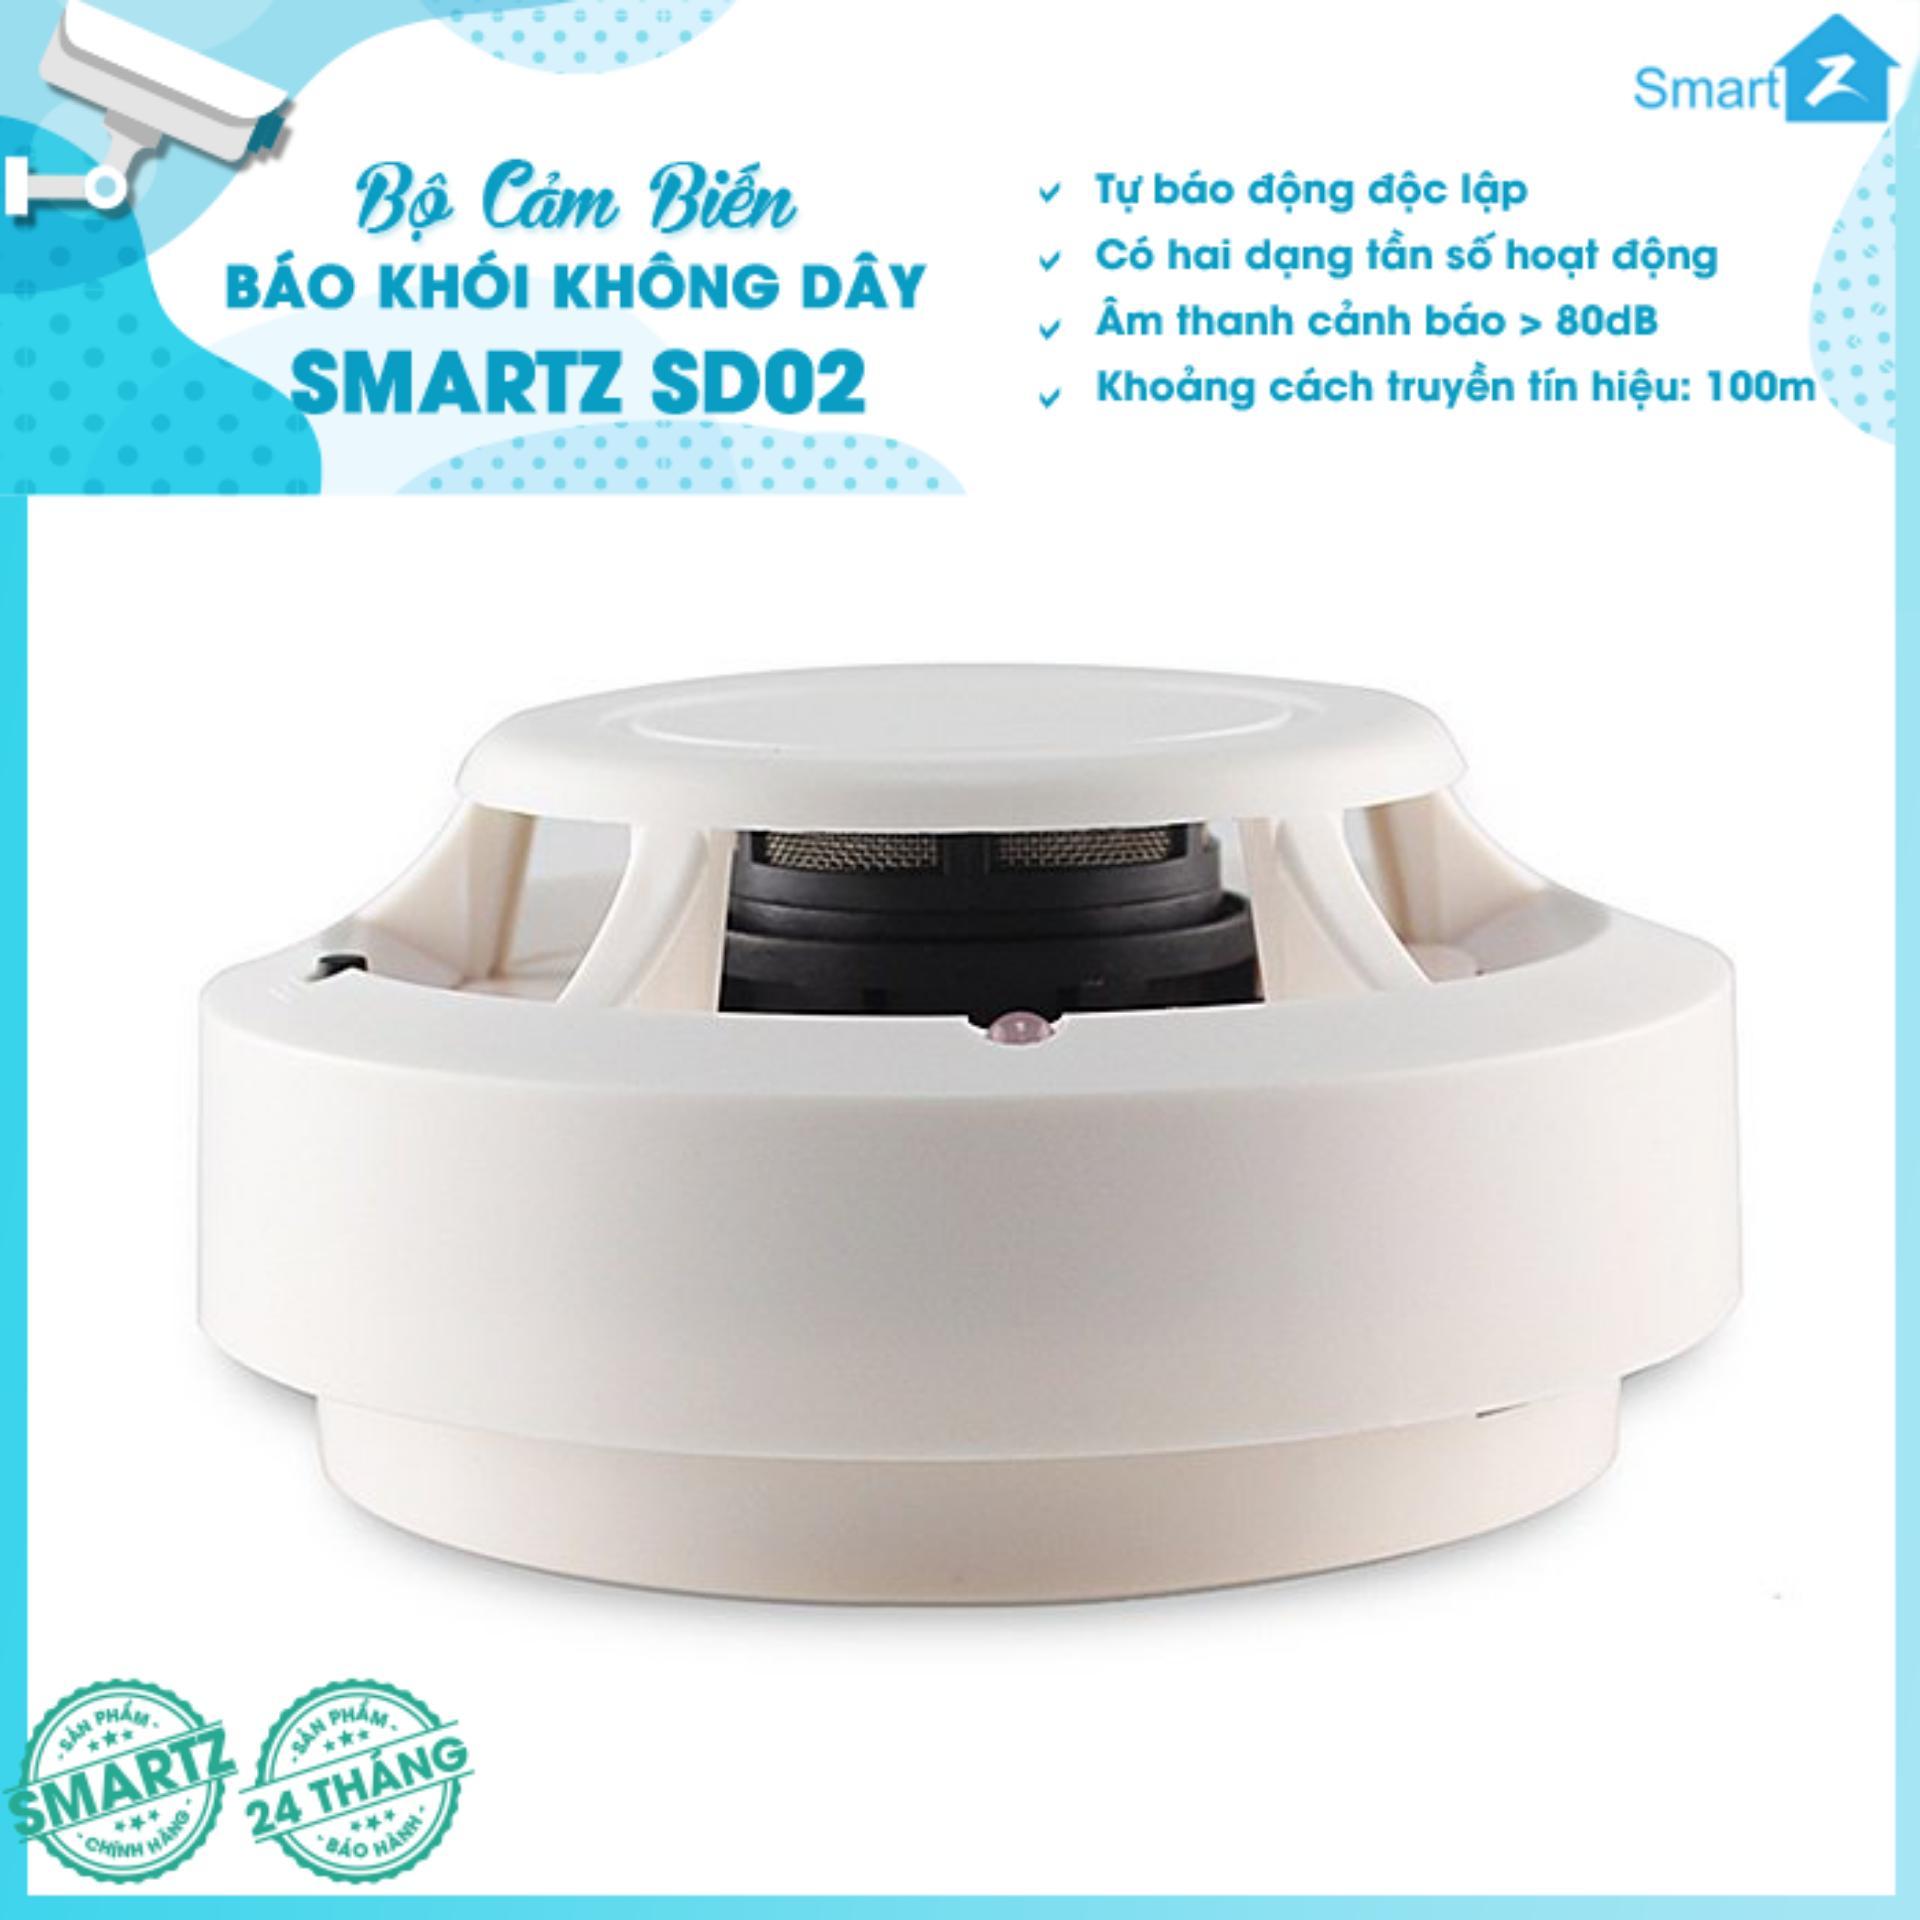 Cảm biến báo khói không dây SmartZ SD02 - HÃNG PHÂN PHỐI ĐỘC QUYỀN